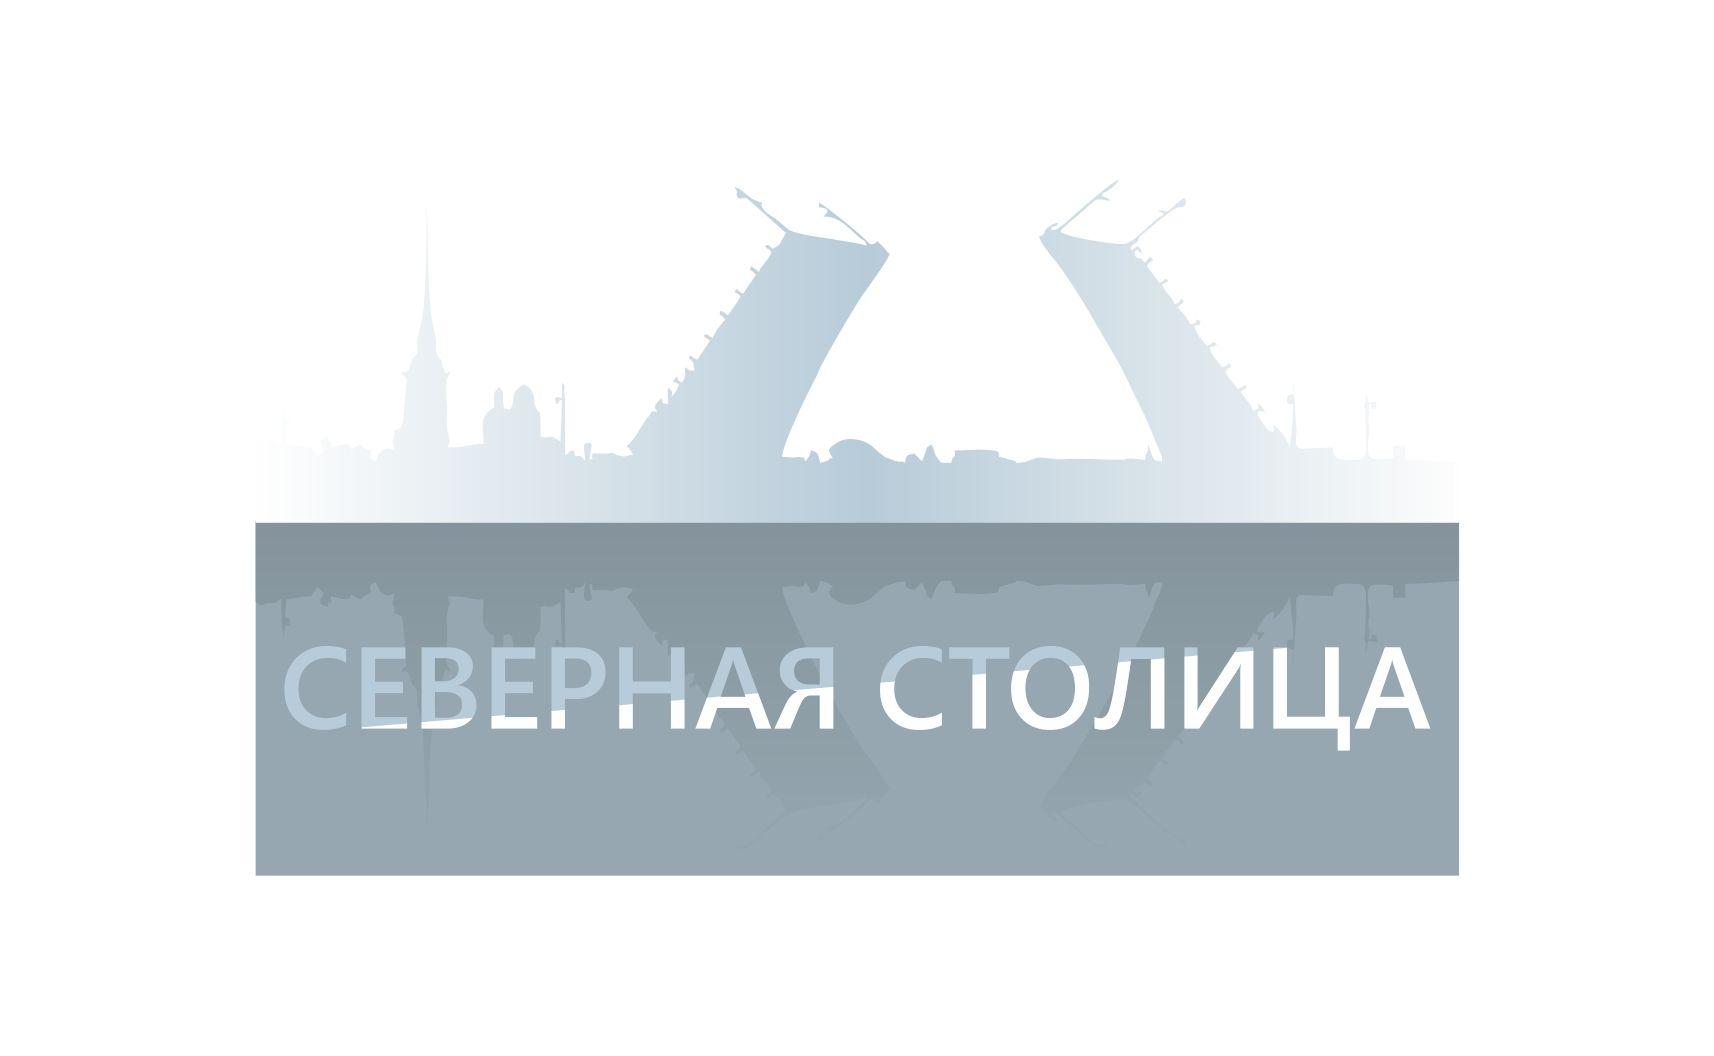 Логотип для компании Северная Столица - дизайнер Kairat_D